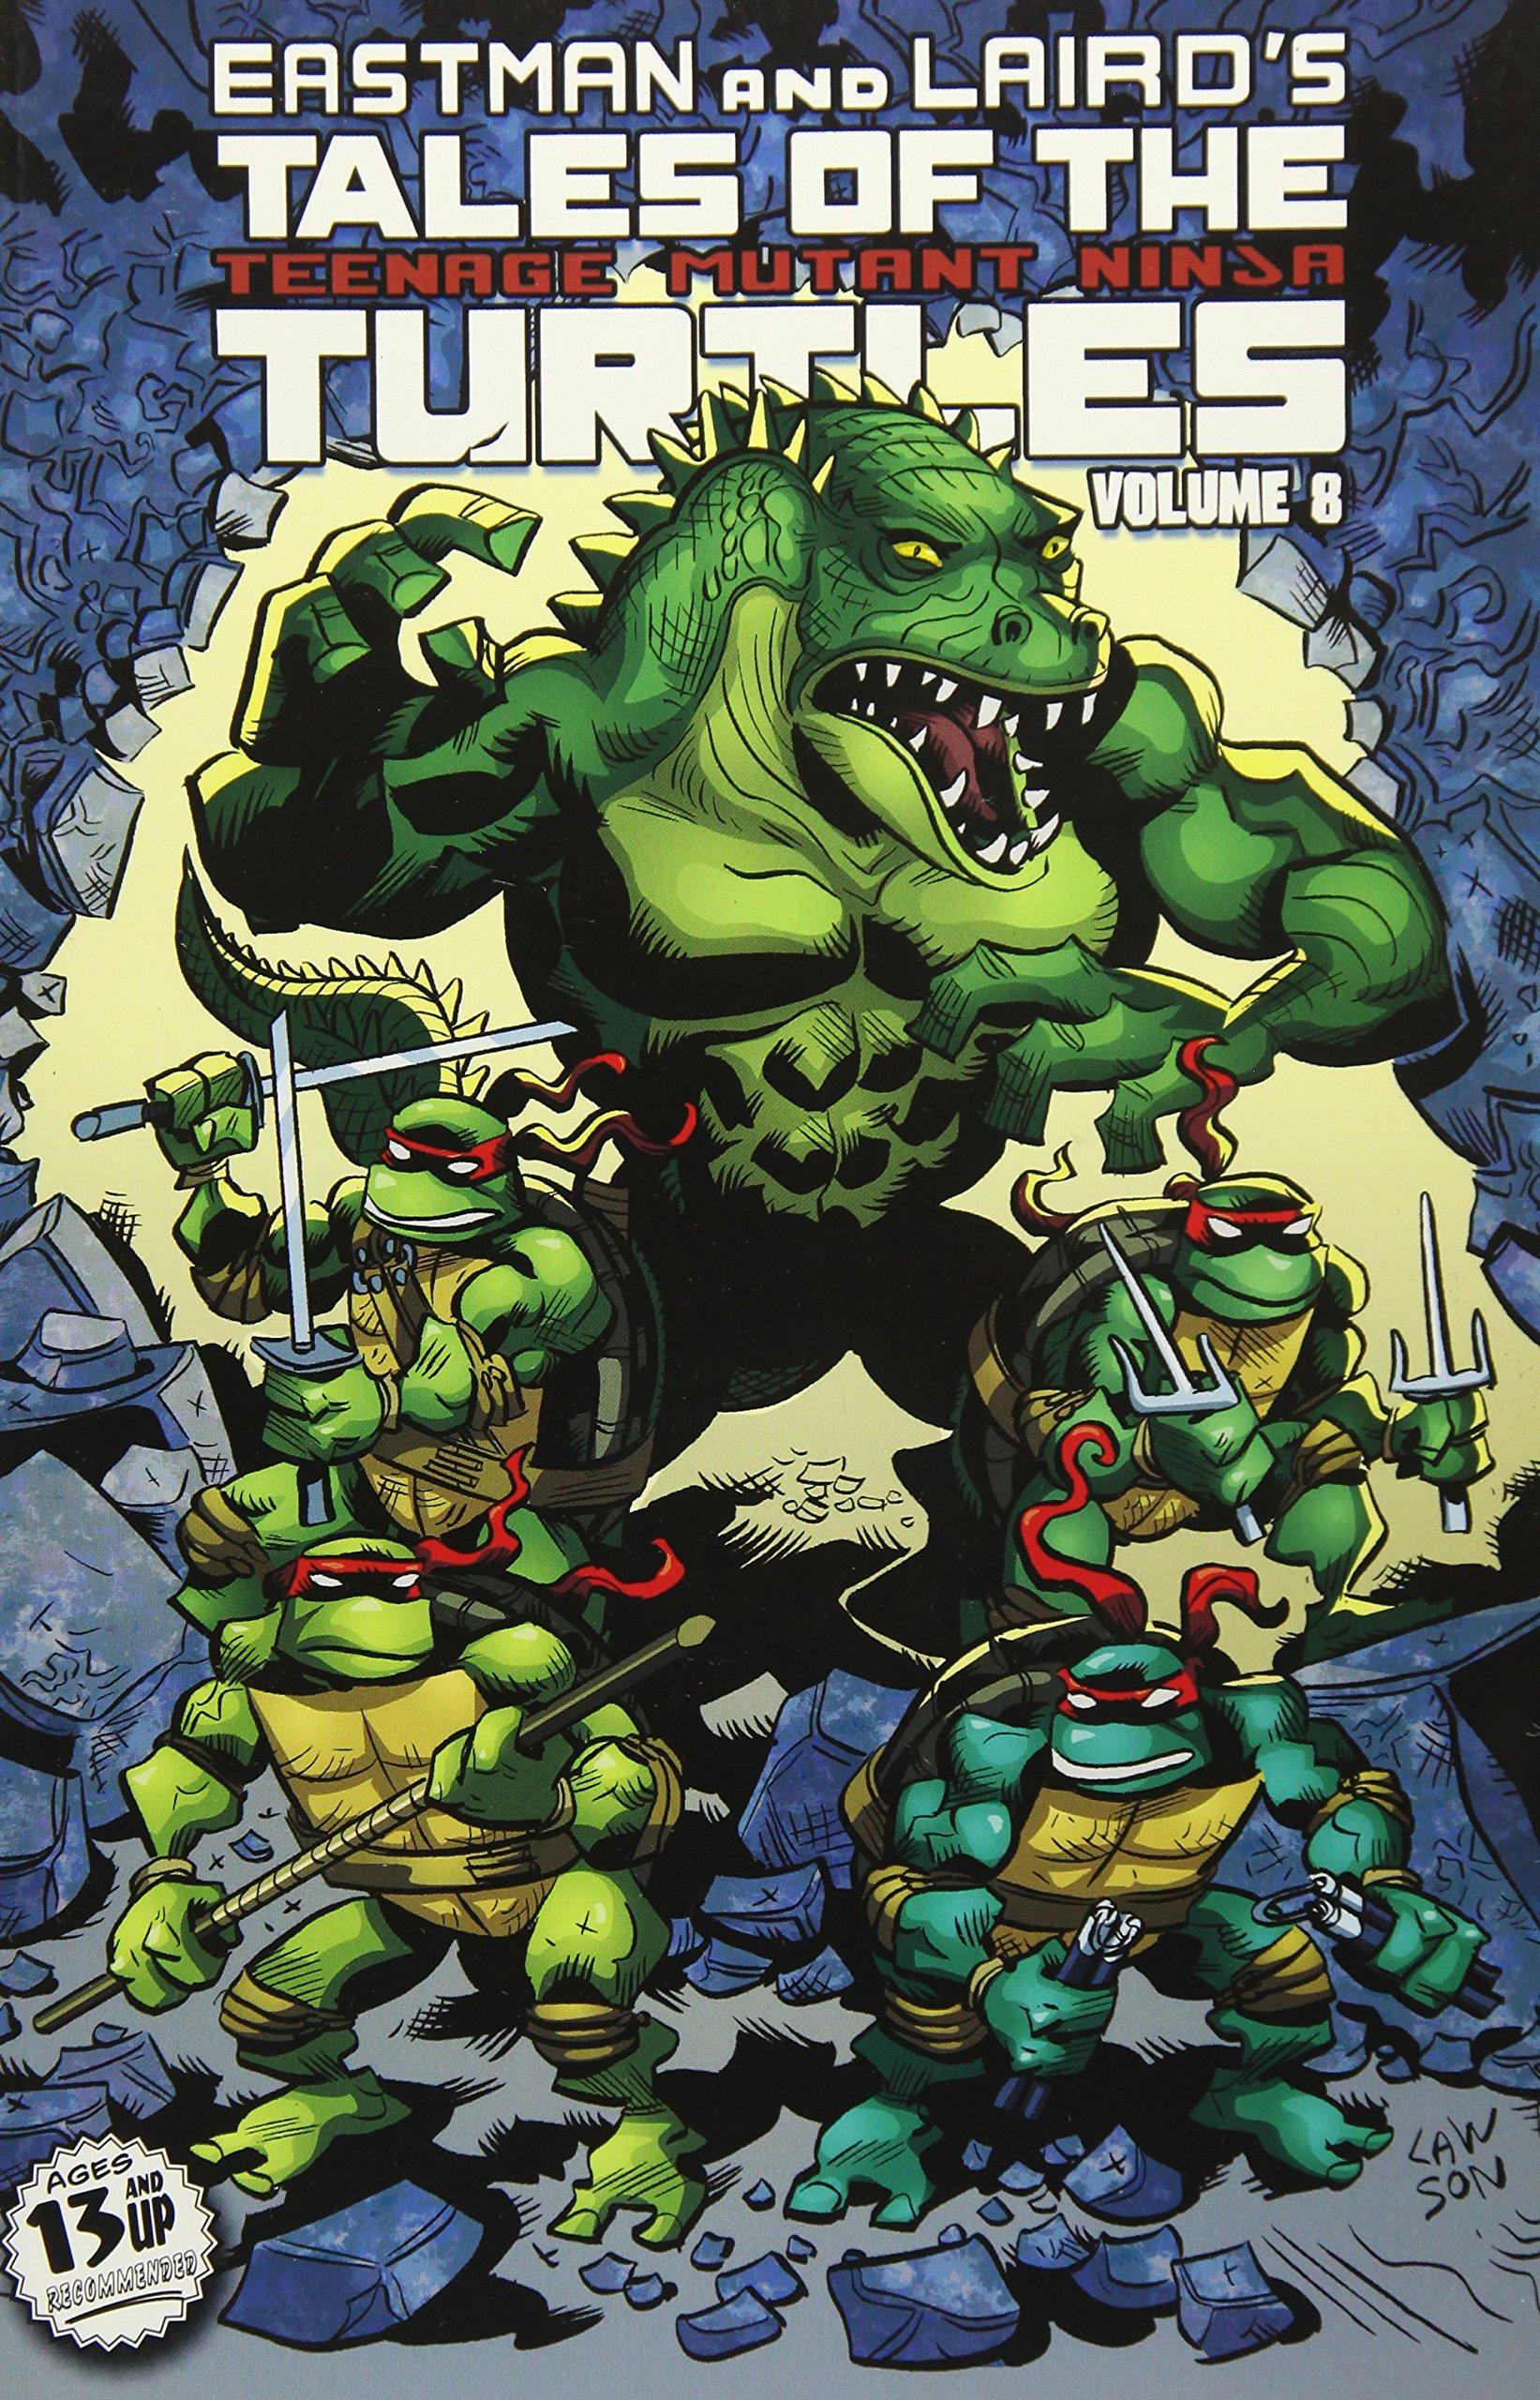 Tales Of The Teenage Mutant Ninja Turtles Volume 8 by Nickelodeon